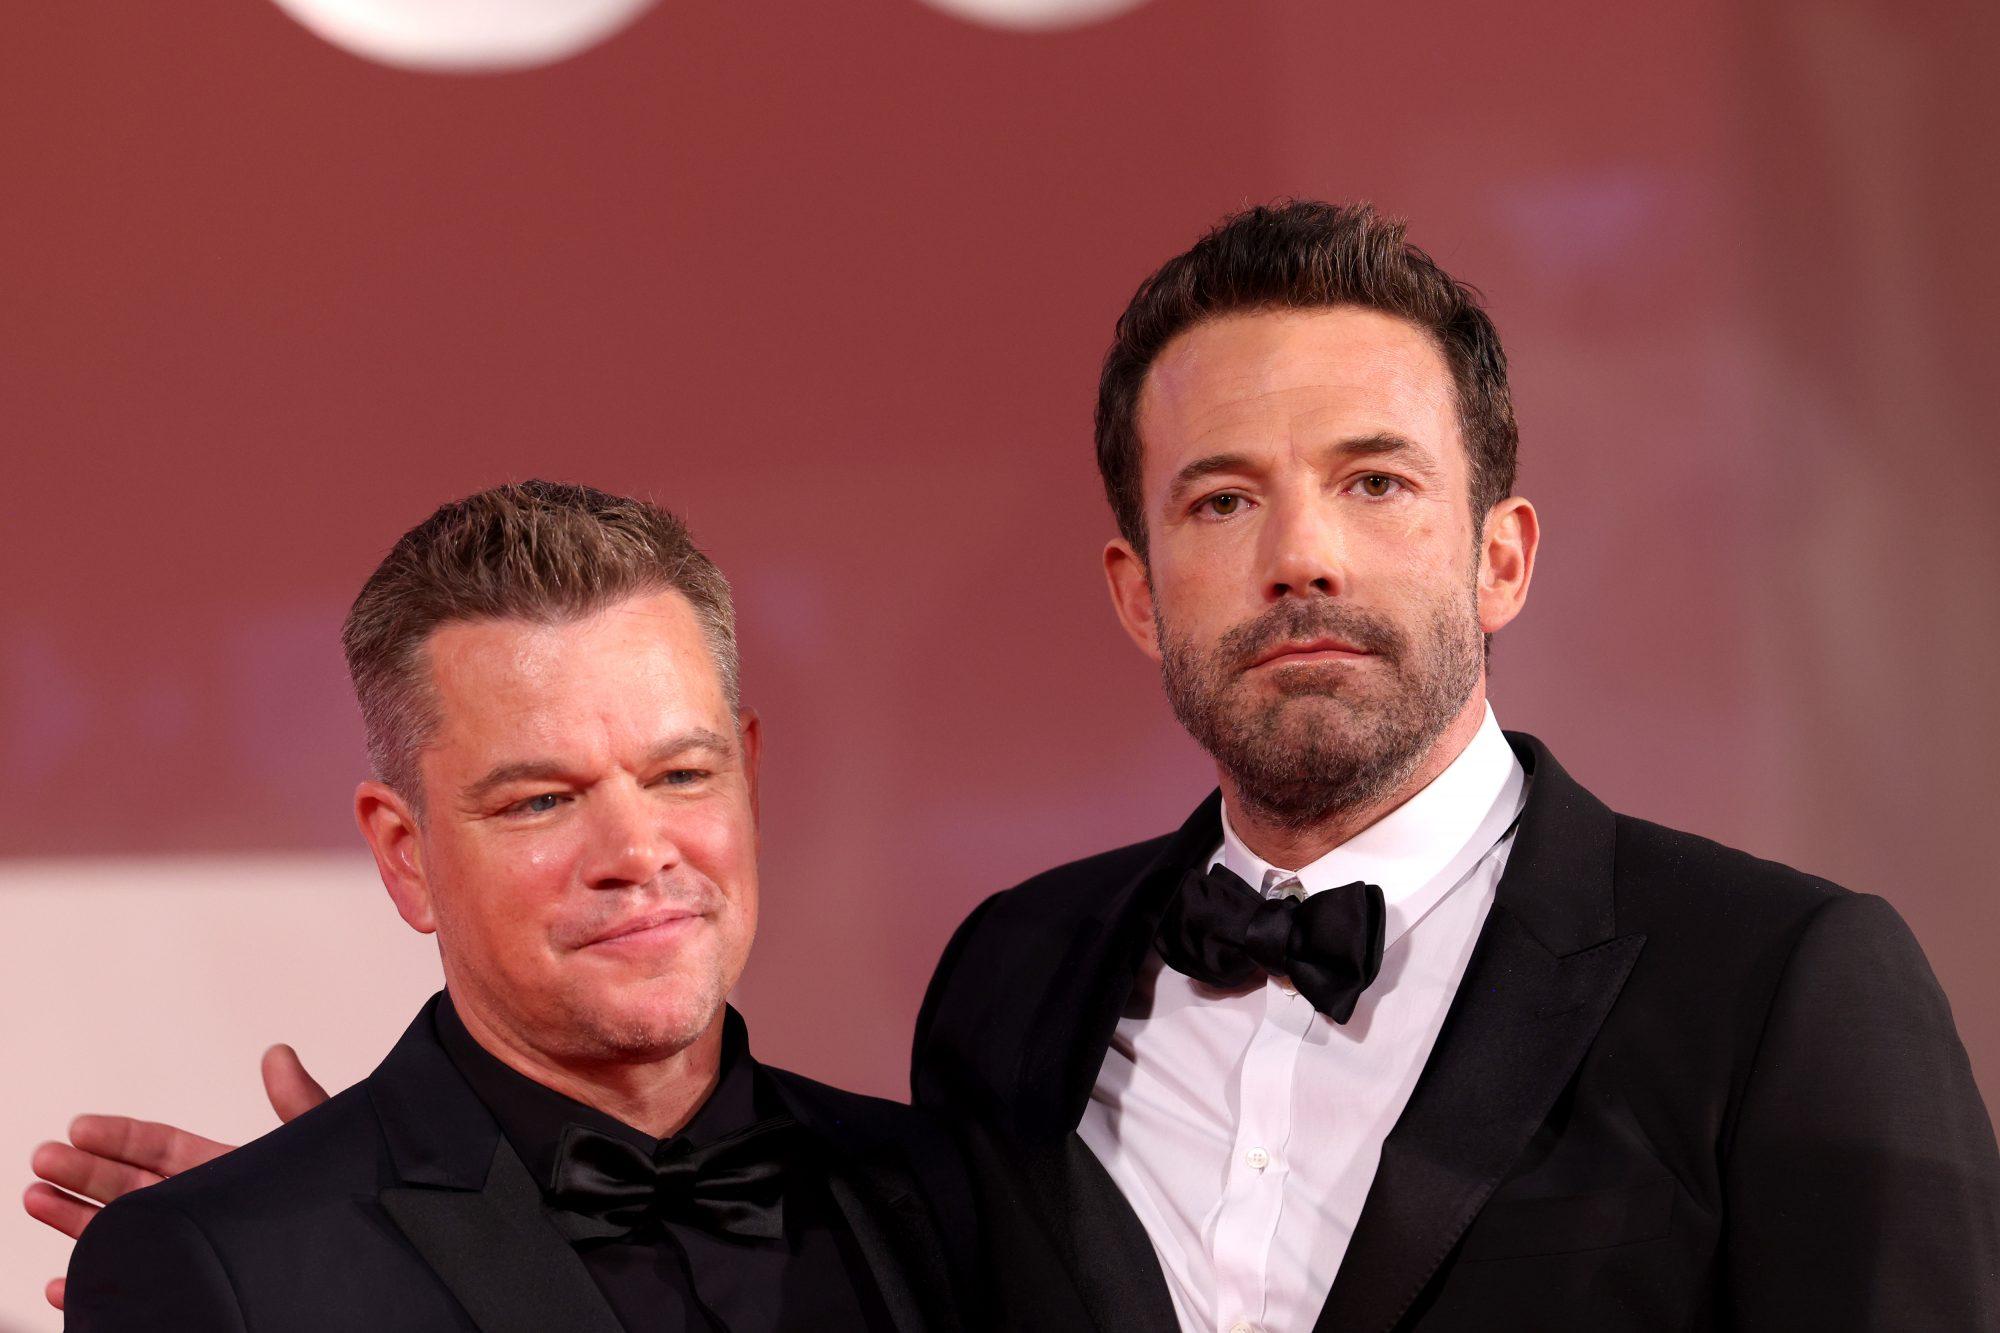 Matt Damon, el gran amigo de Ben Affleck, estuvo presente en la alfombra roja y le ha expresado a la pareja su felicidad de verlos juntos nuevamente.